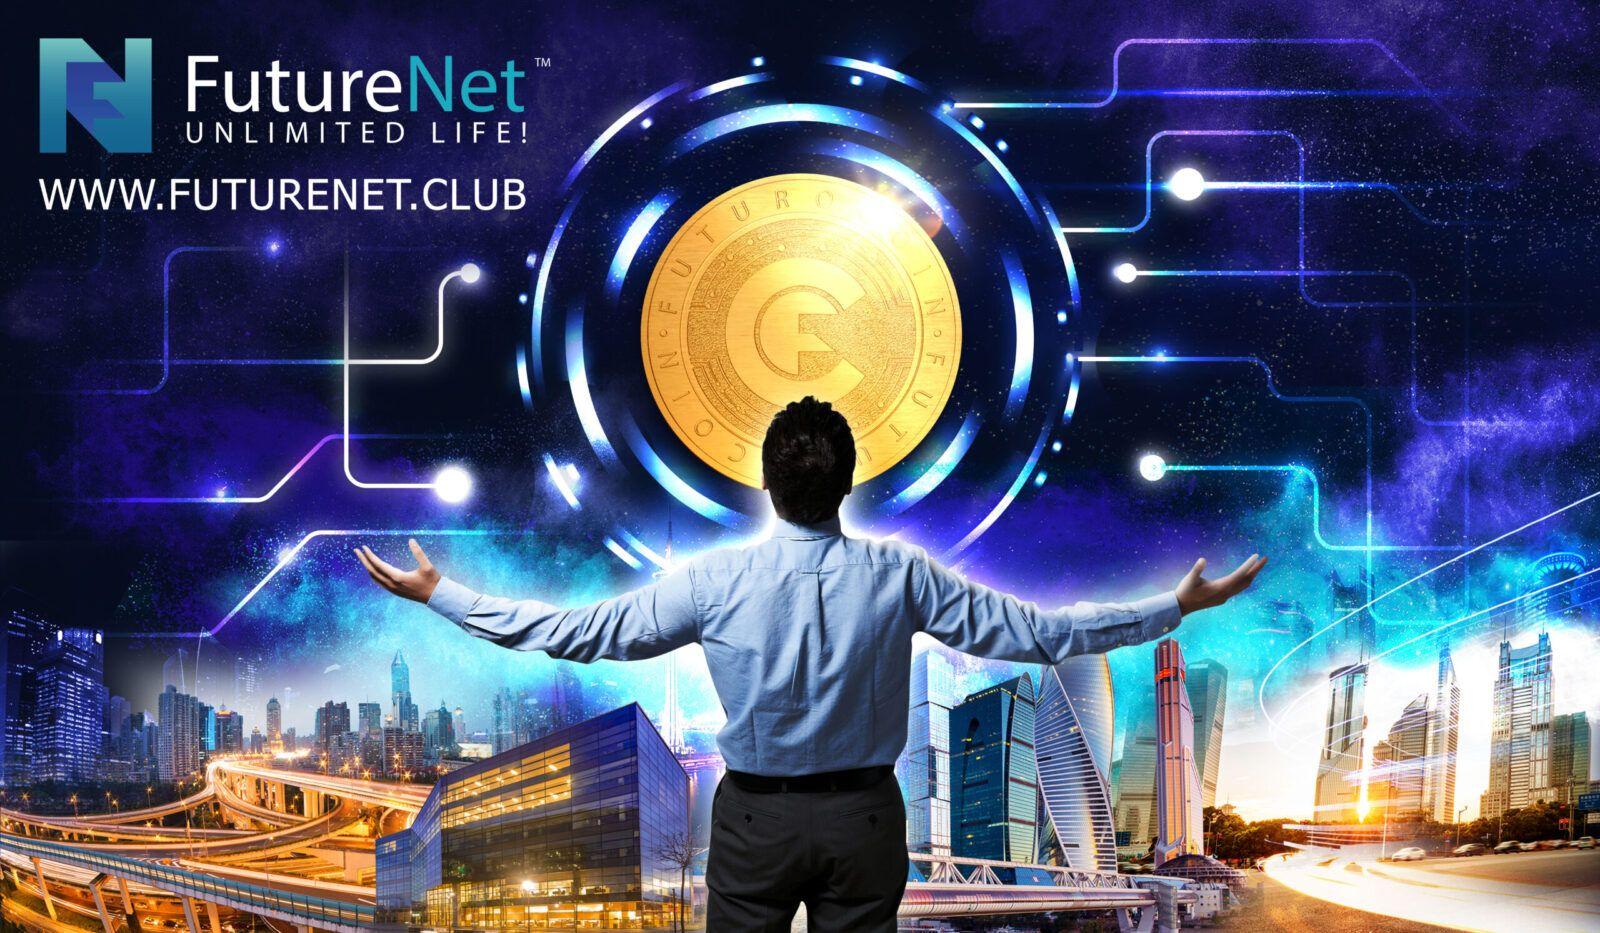 Innowacyjny model biznesowy FutureNet podbija międzynarodowe rynki